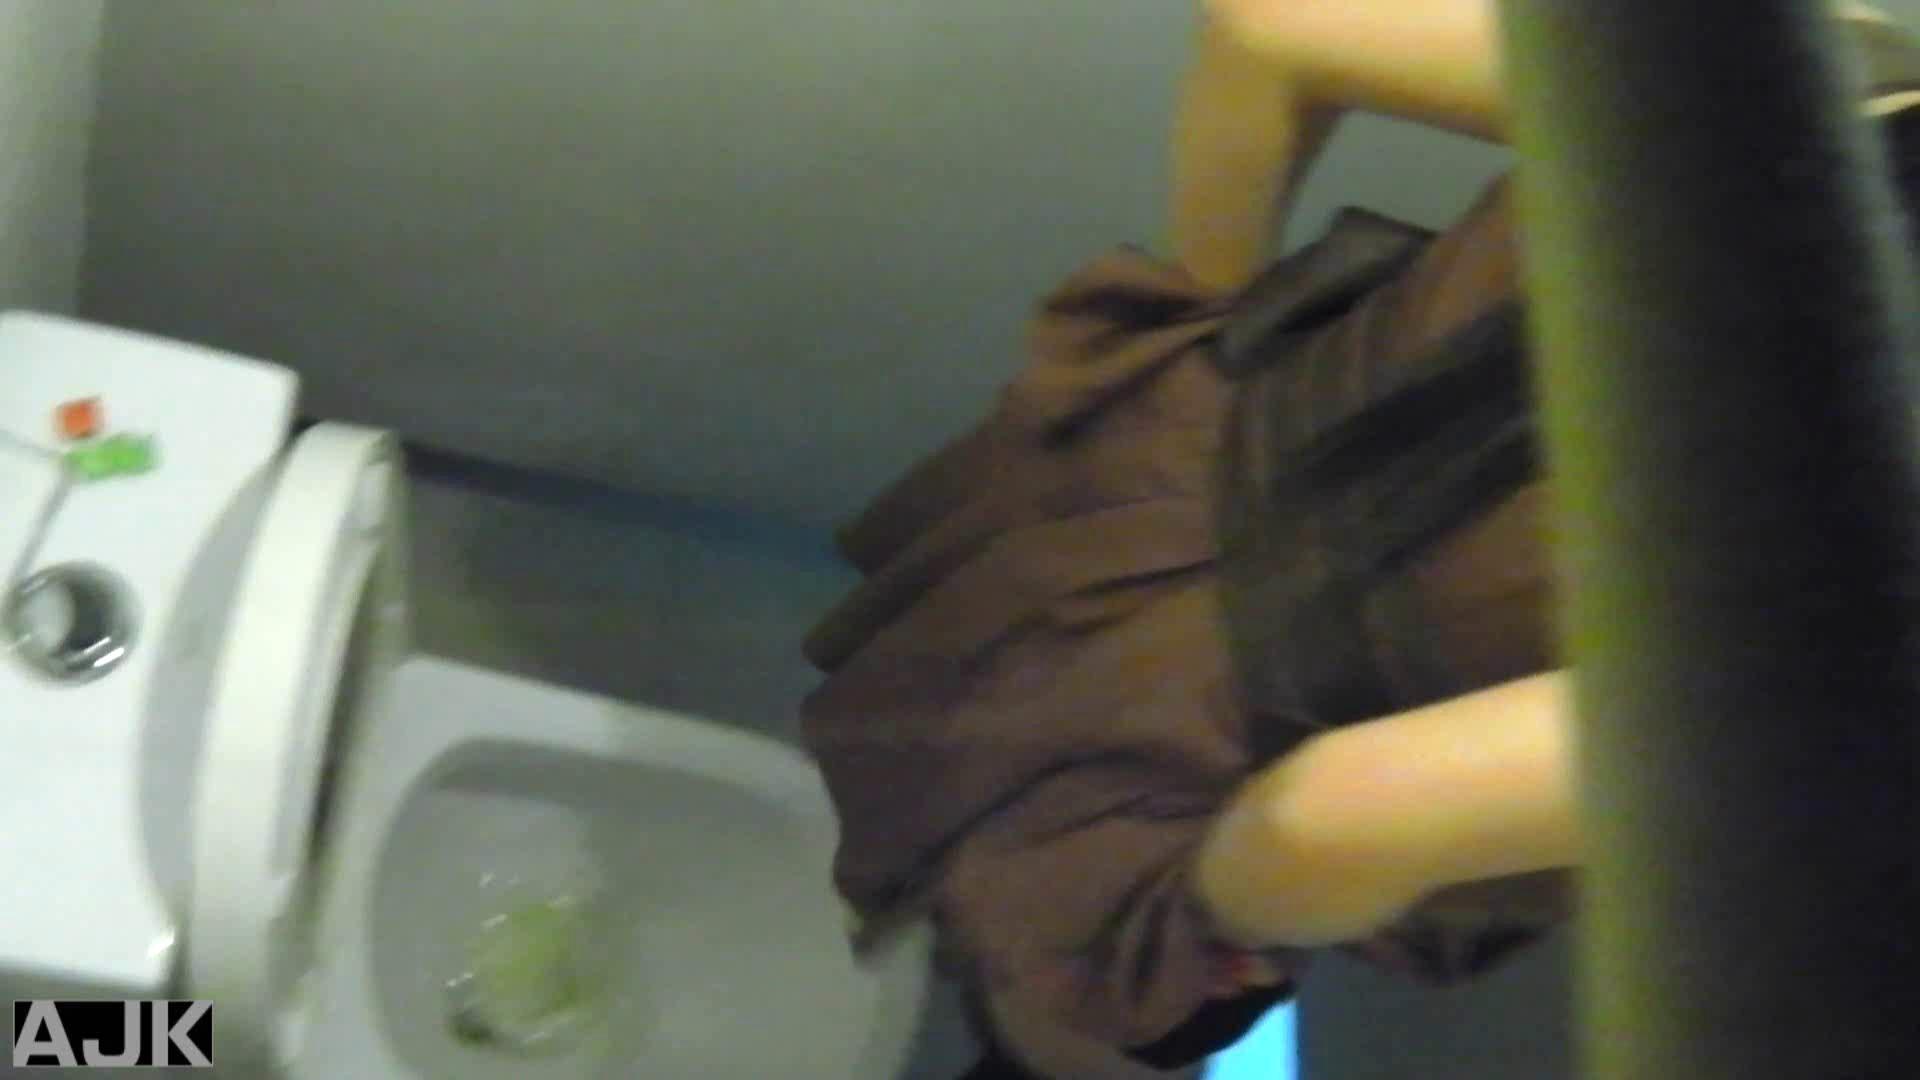 隣国上階級エリアの令嬢たちが集うデパートお手洗い Vol.13 OLの実態 | お手洗い  56pic 15